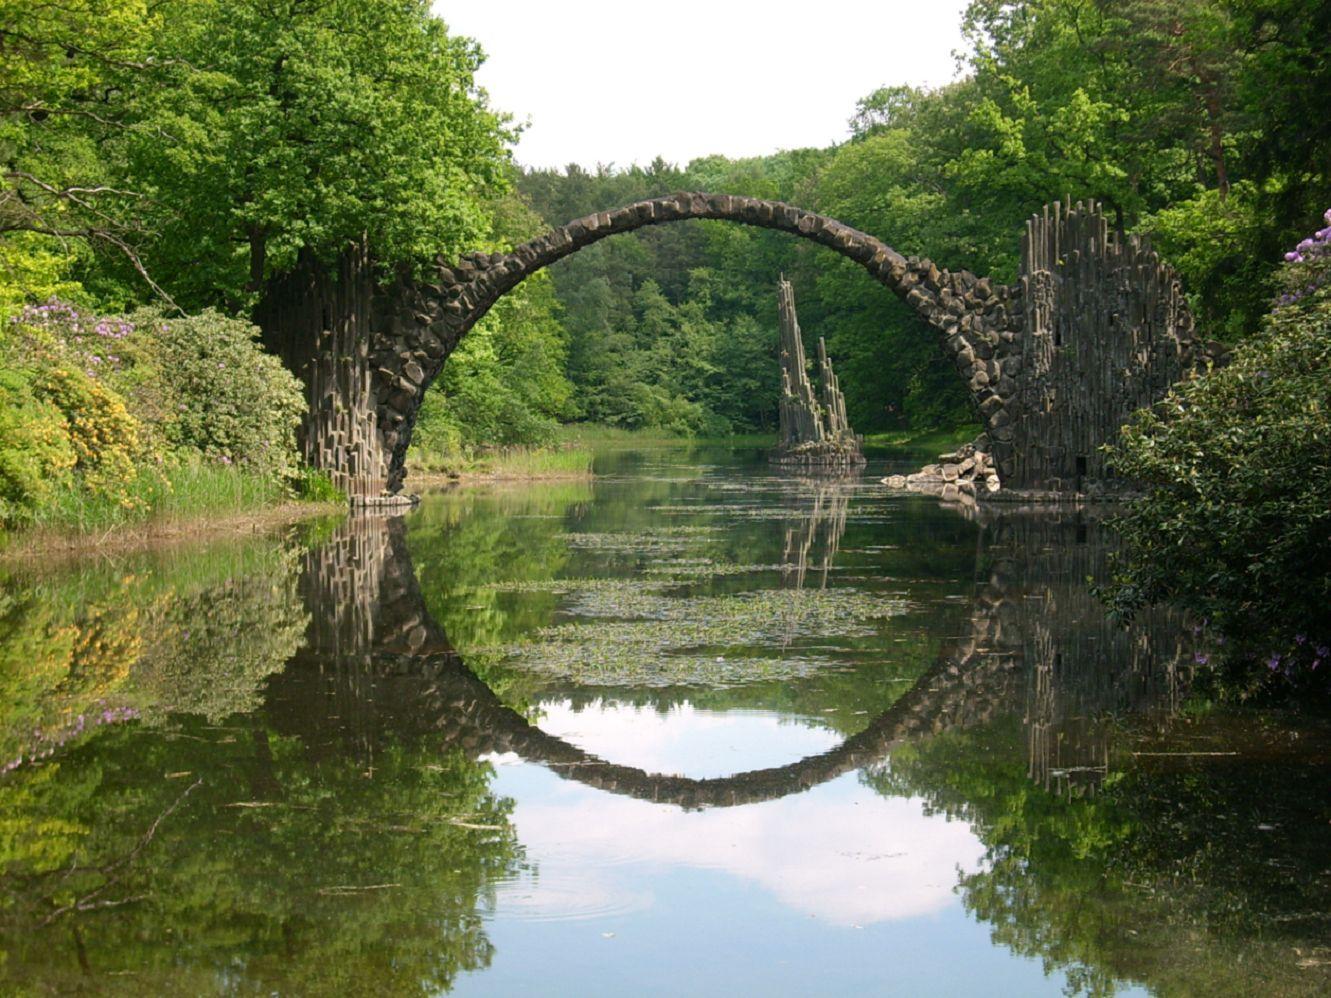 El increible puente de piedra basaltica rakotzbr cke rakotz o puente de los demonios en